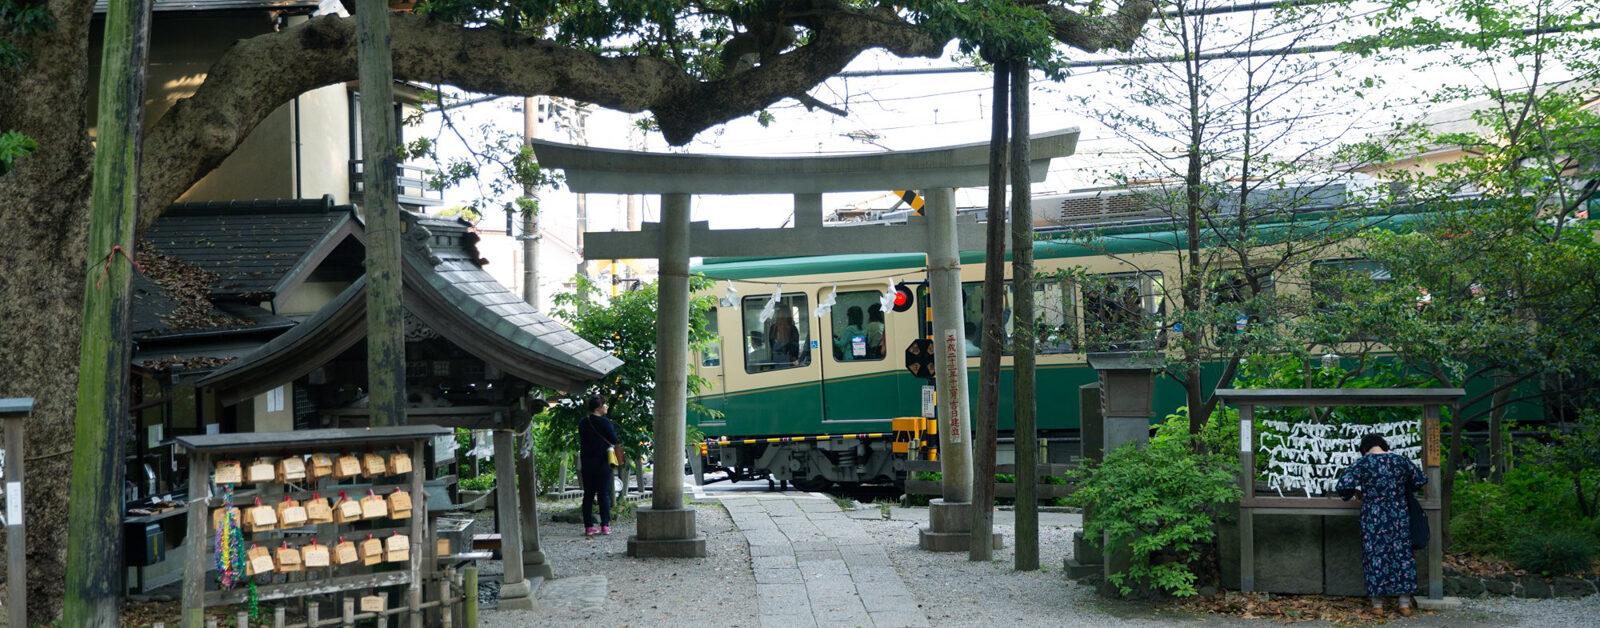 鎌倉坂の下の江ノ電1